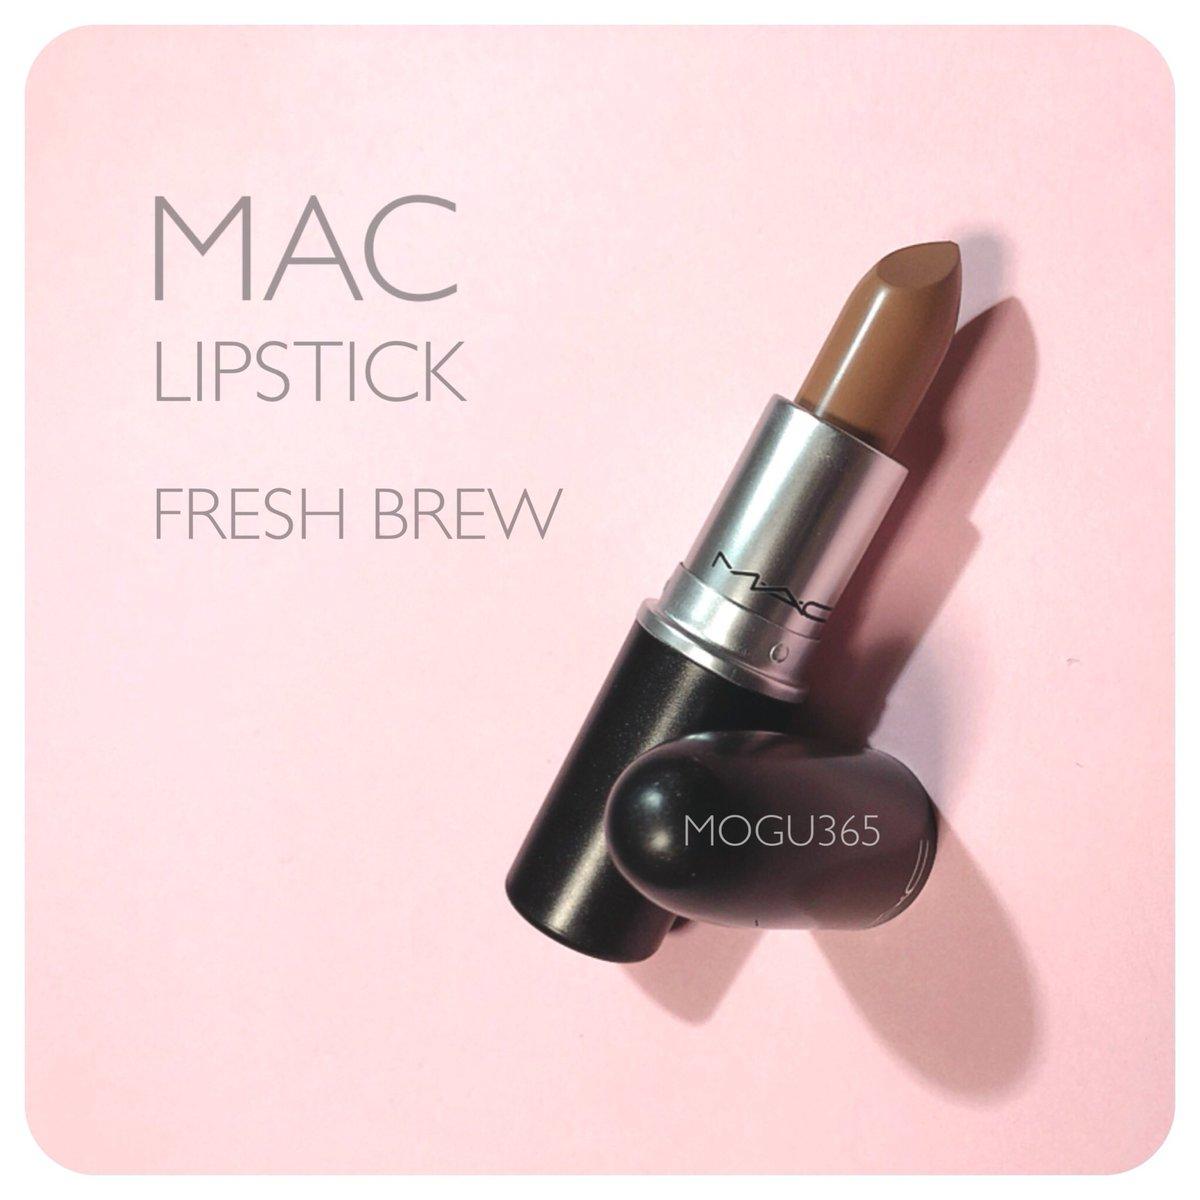 MAC リップスティック フレッシュブリュー ほんのりグレーっぽいベージュリップ まるで血色感がないので顔色が死にそうな色だけど、唇の赤みと調和して一気に抜け感が出る絶妙カラー